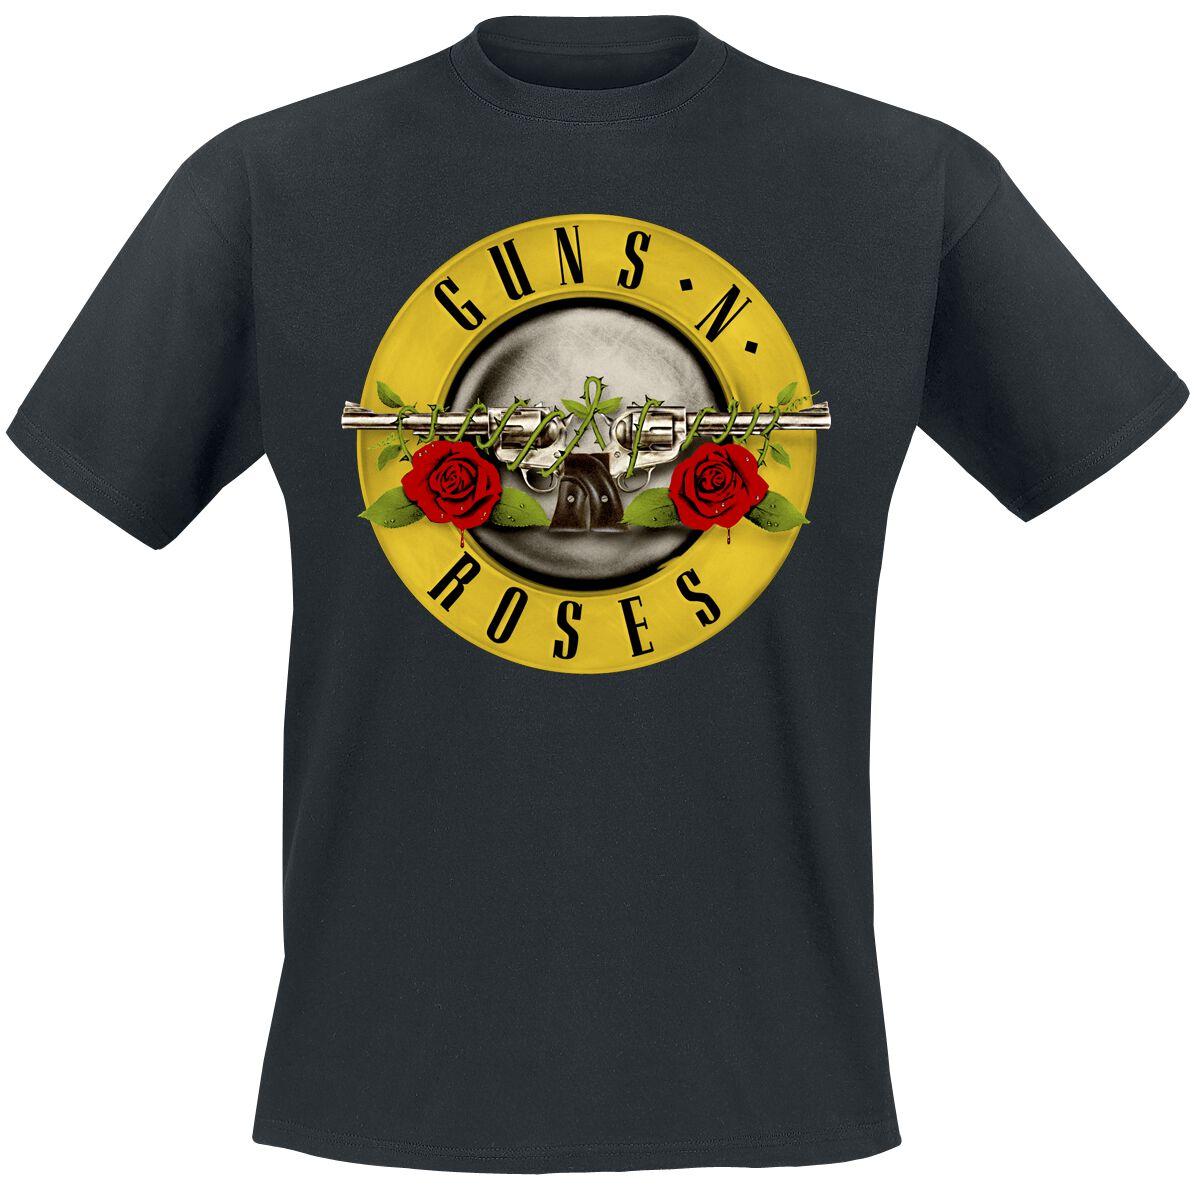 Image of   Guns N' Roses Distressed Bullet T-Shirt sort